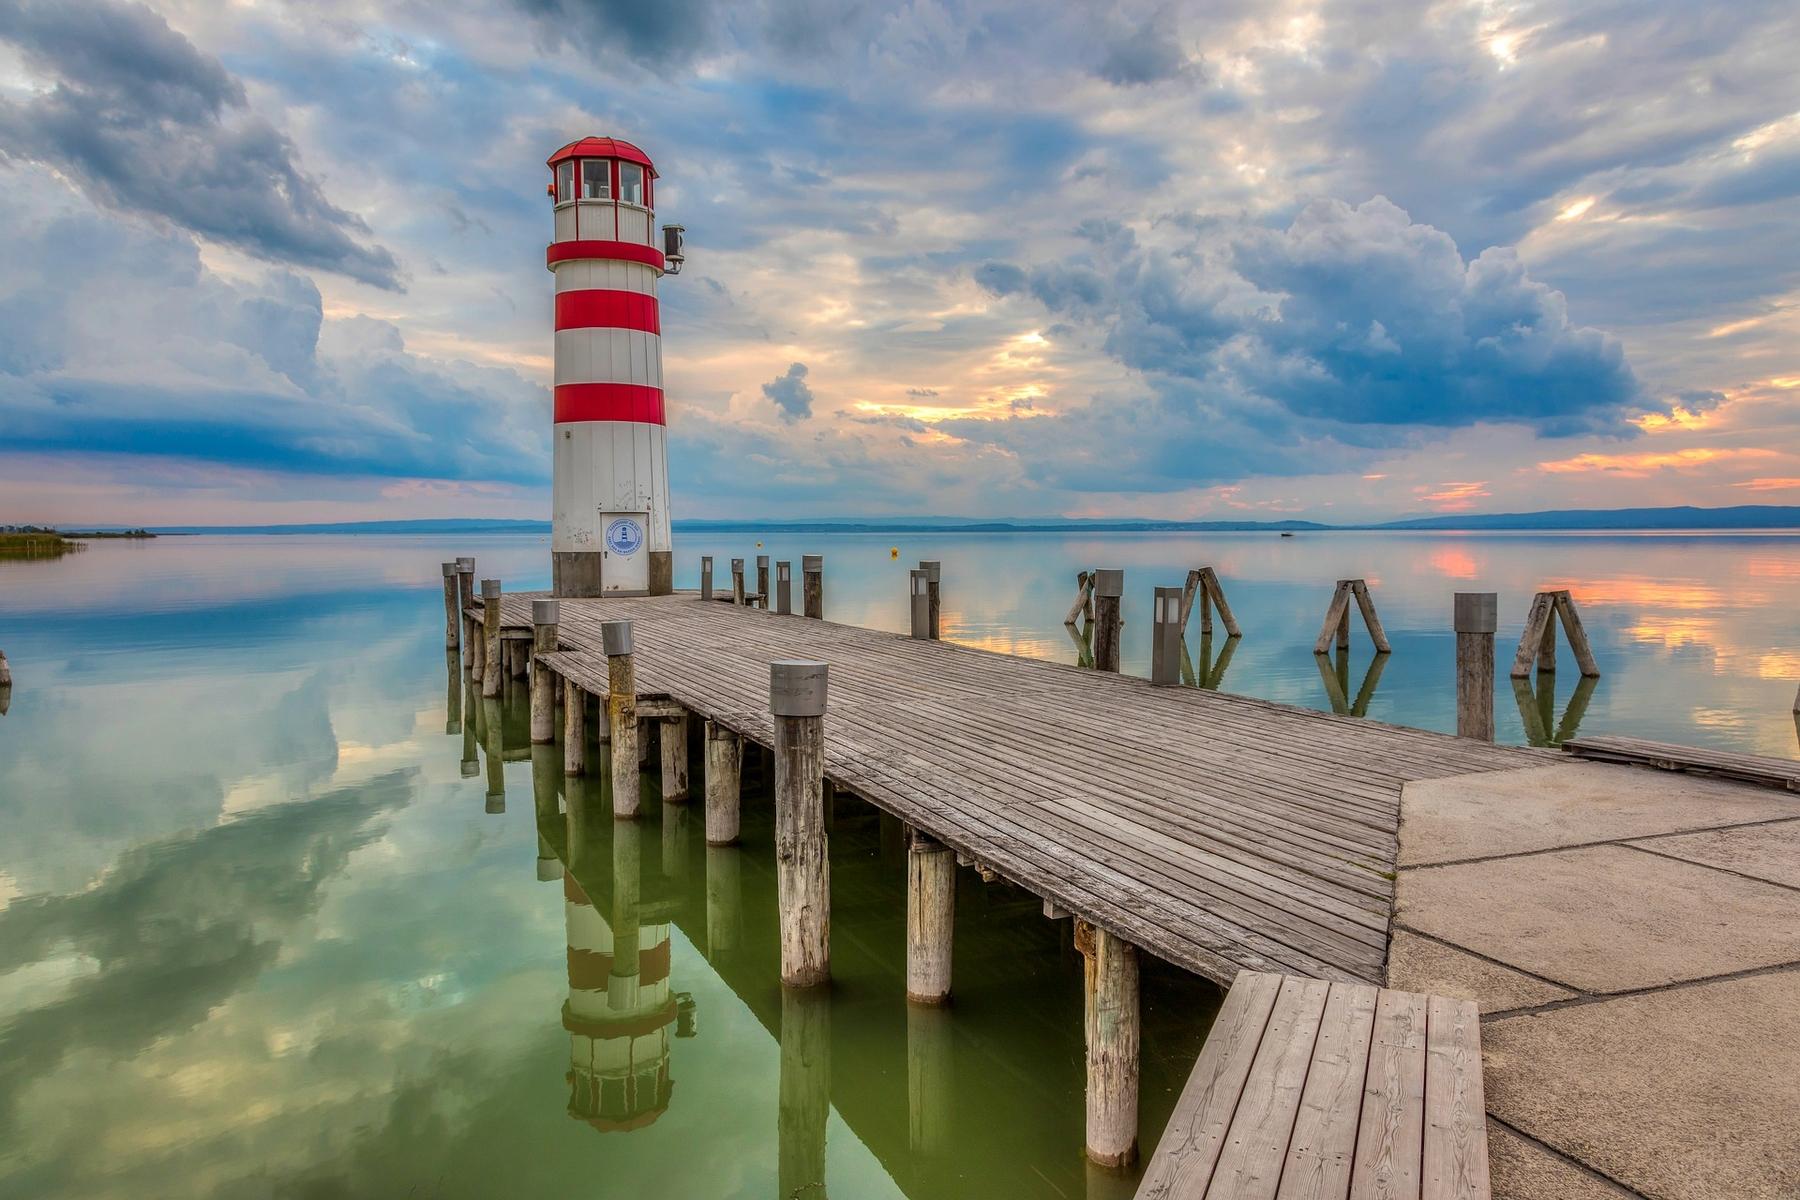 Der Neusiedlersee ist einer der schönsten Seen Österreichs